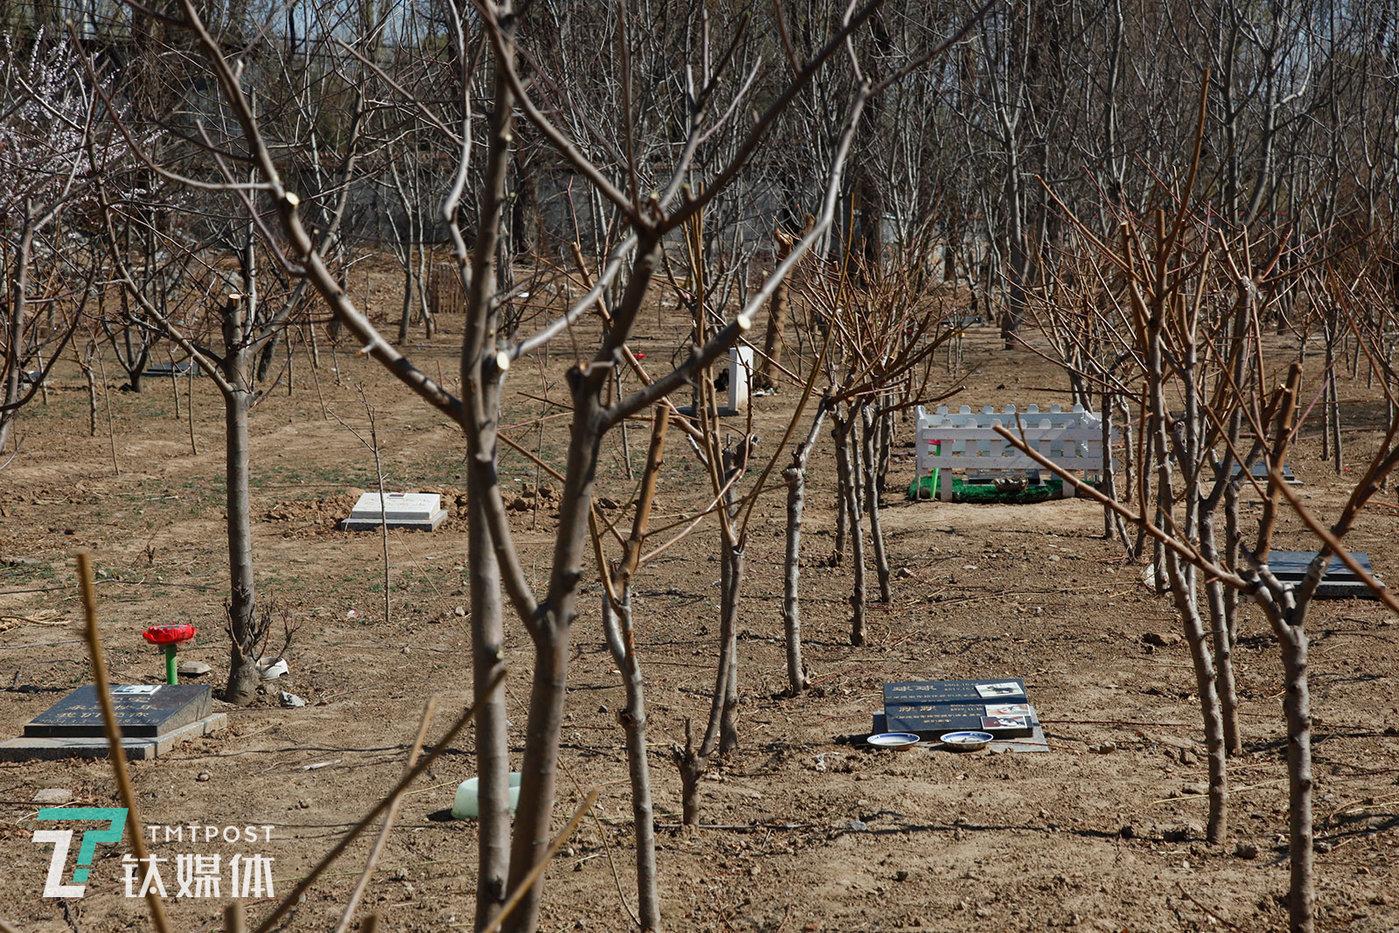 除了火化,宠物殡葬服务还包括宠物墓地。钛媒体影像《在线》走访了位于北京房山区的安乐墓宠物墓地。据负责人介绍,整片林业一共4亩,可安葬约250只宠物。